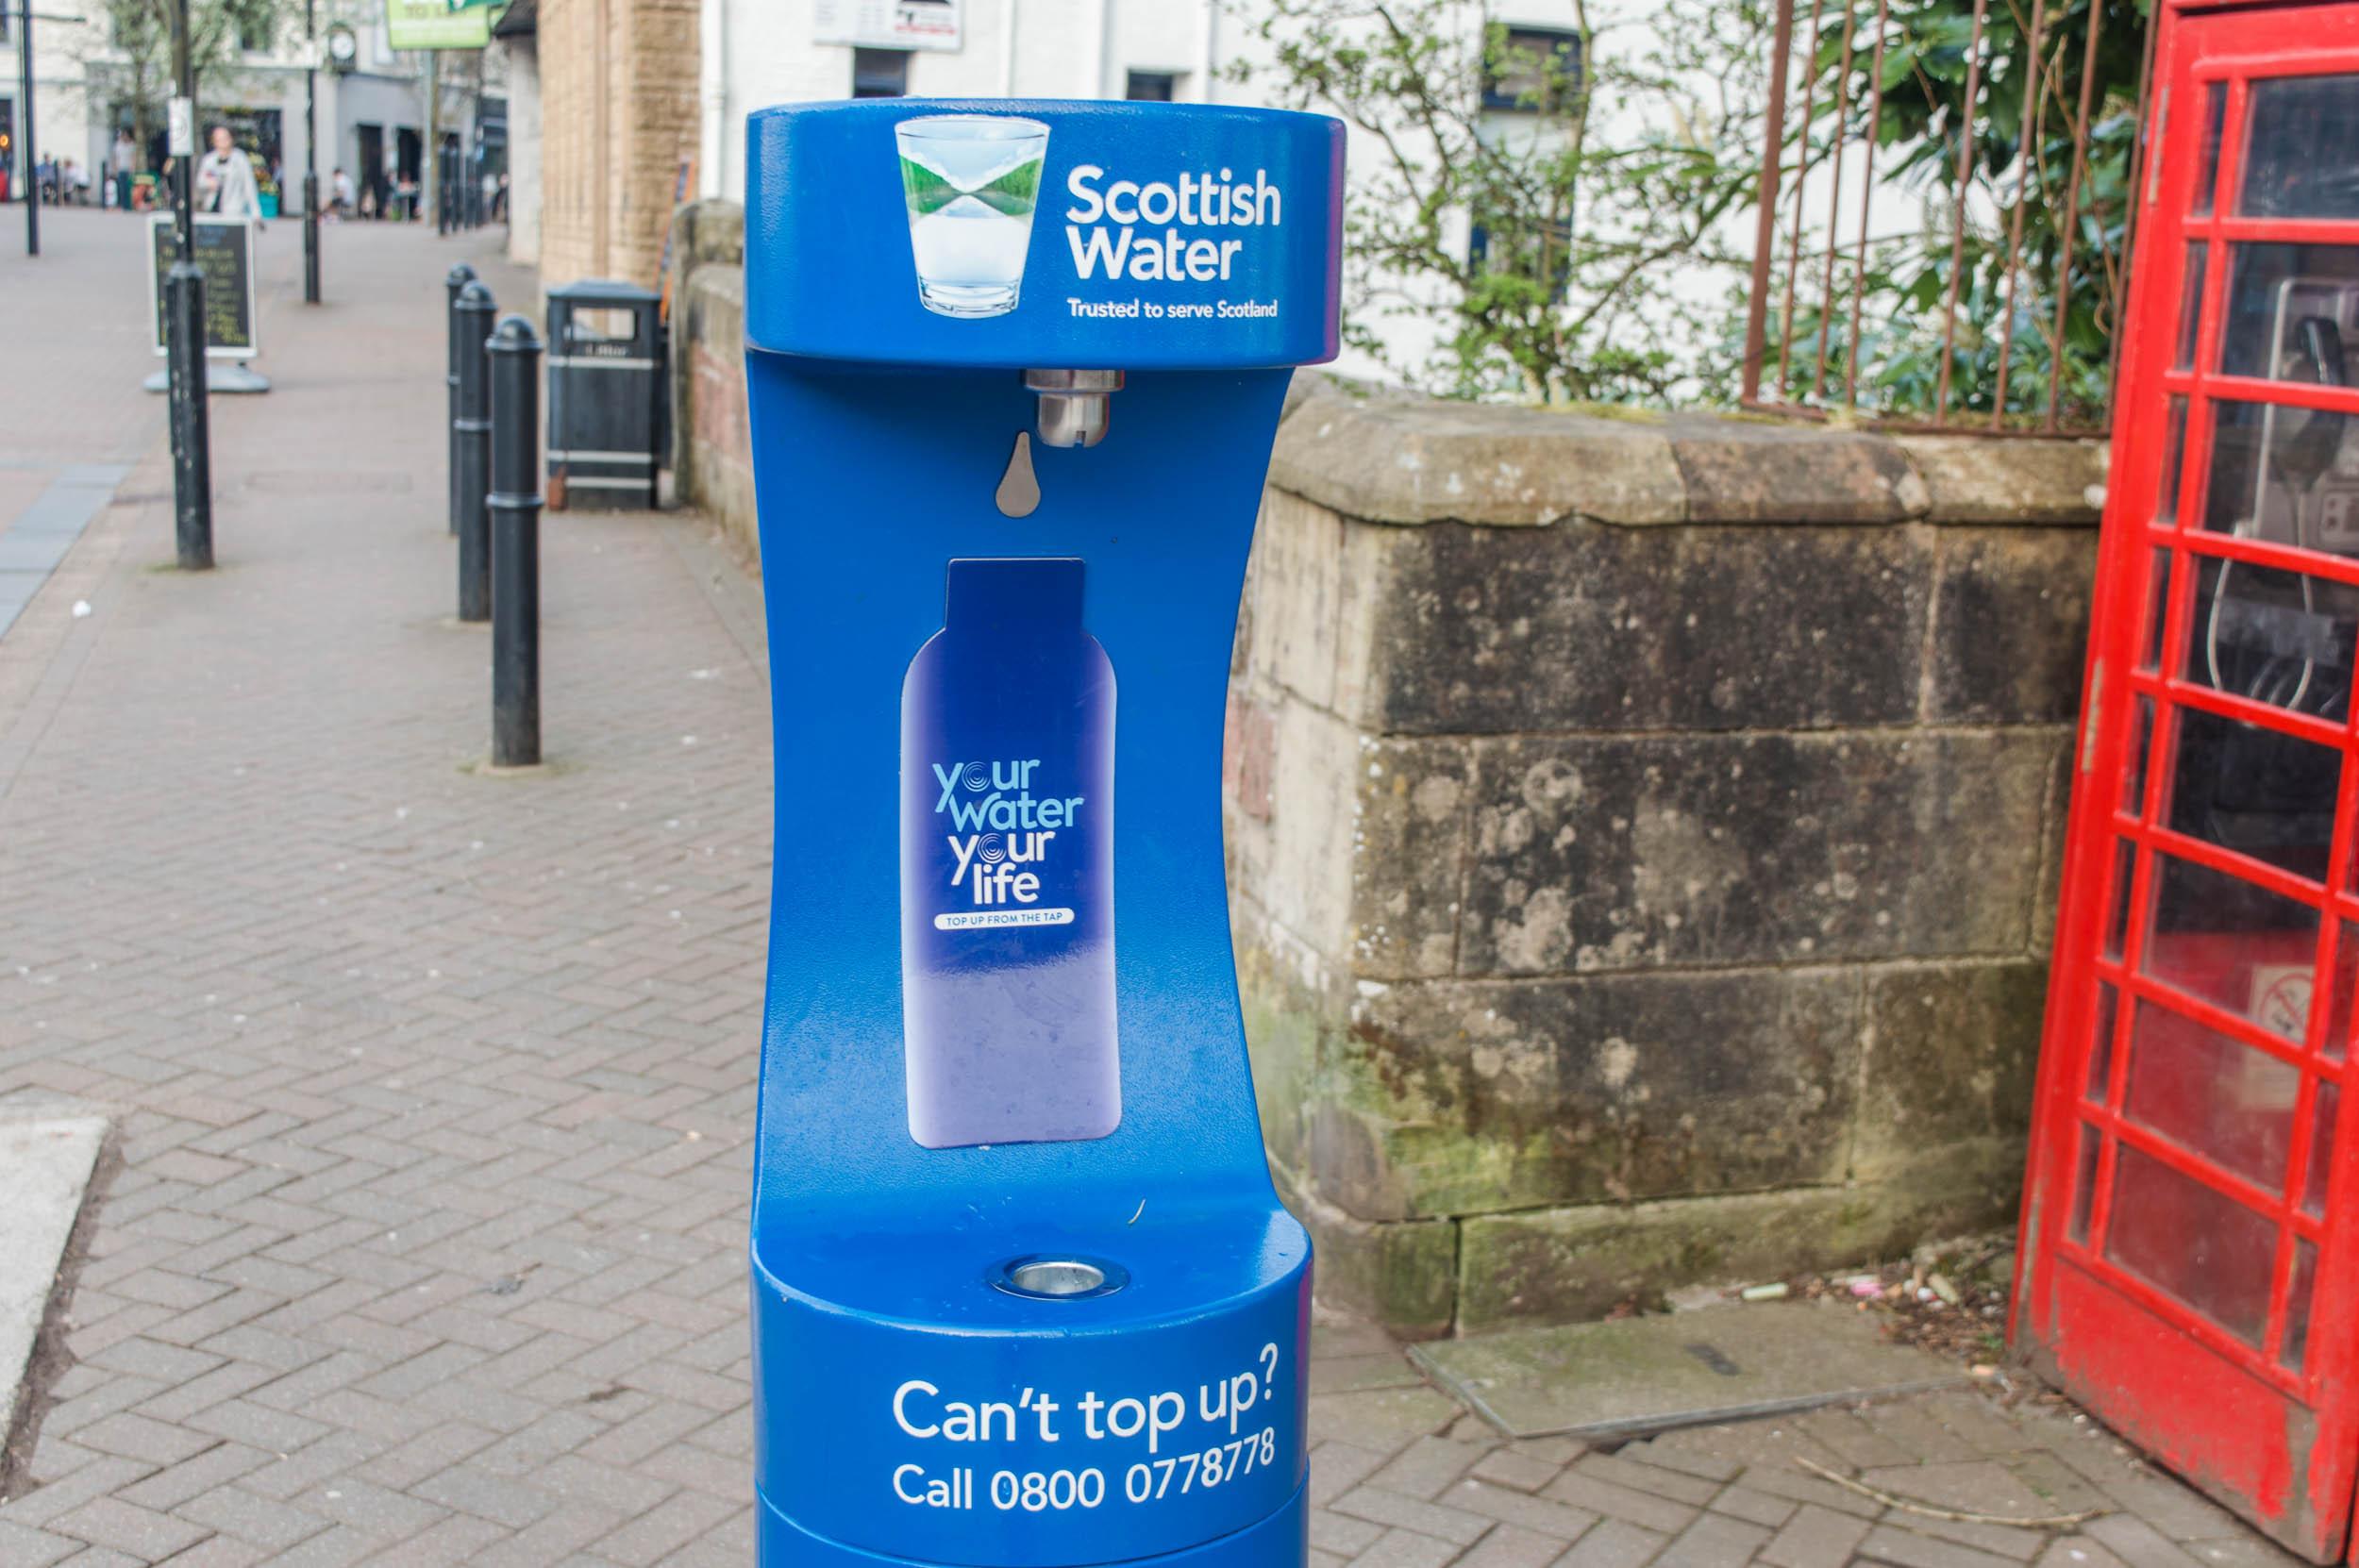 Water Dispenser, start of West Highland Way, Milngavie